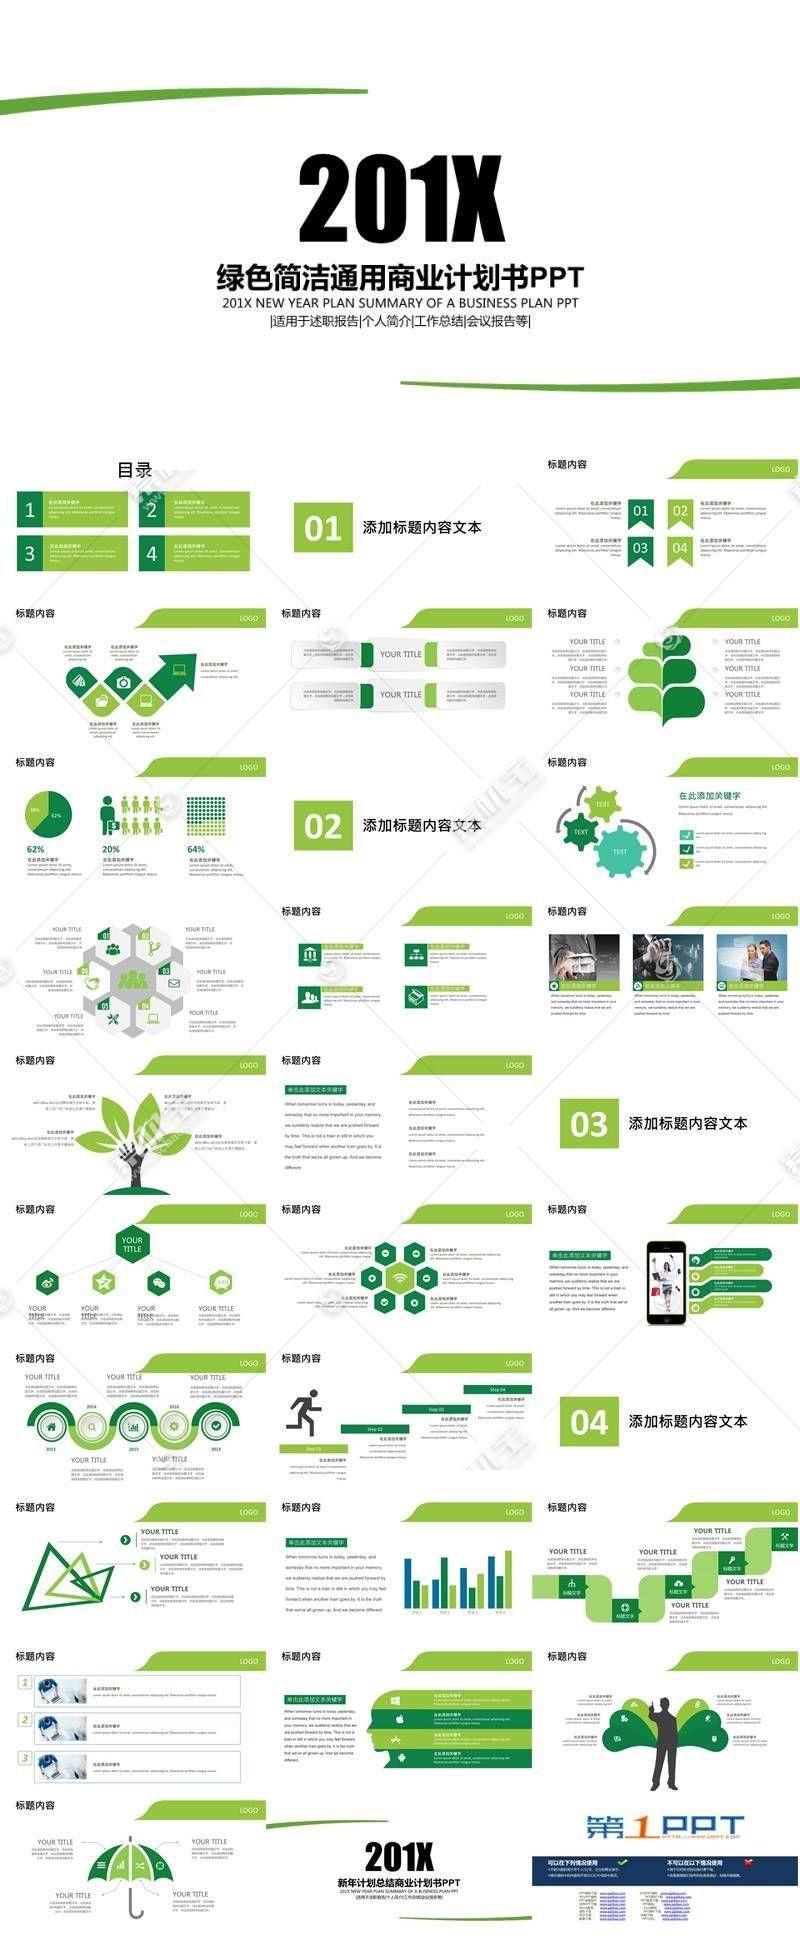 极简风格绿色通用商业计划书ppt模板图片